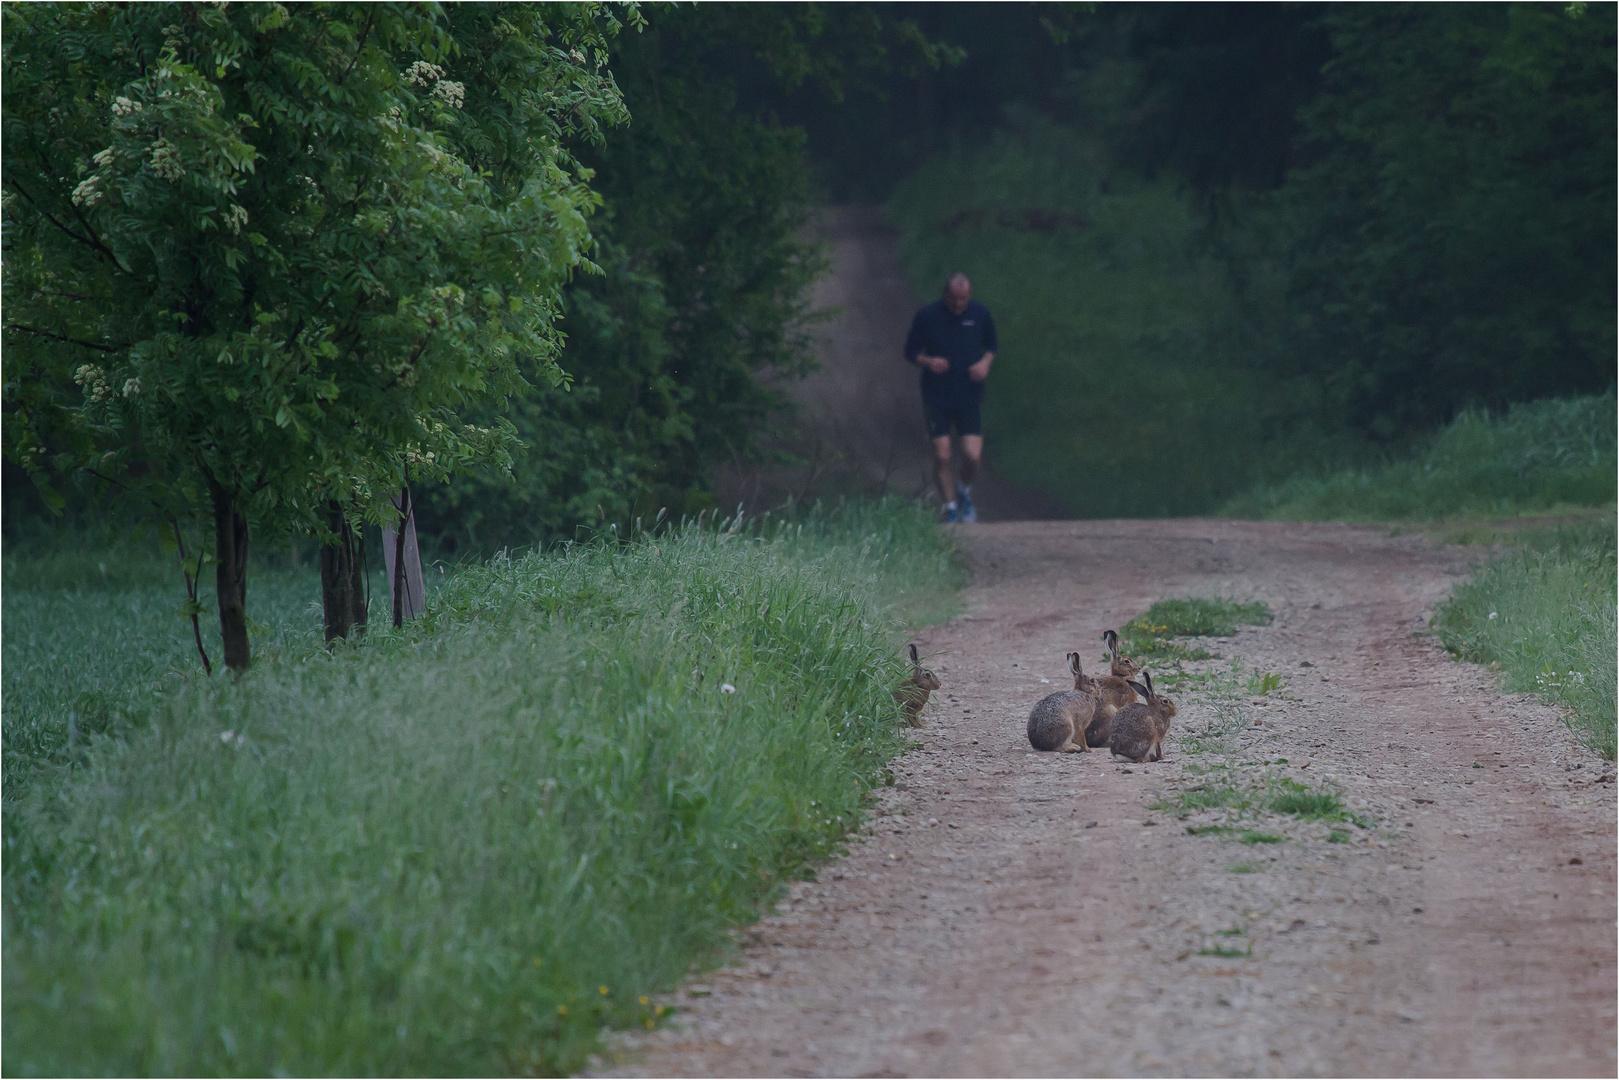 Läufer am Morgen